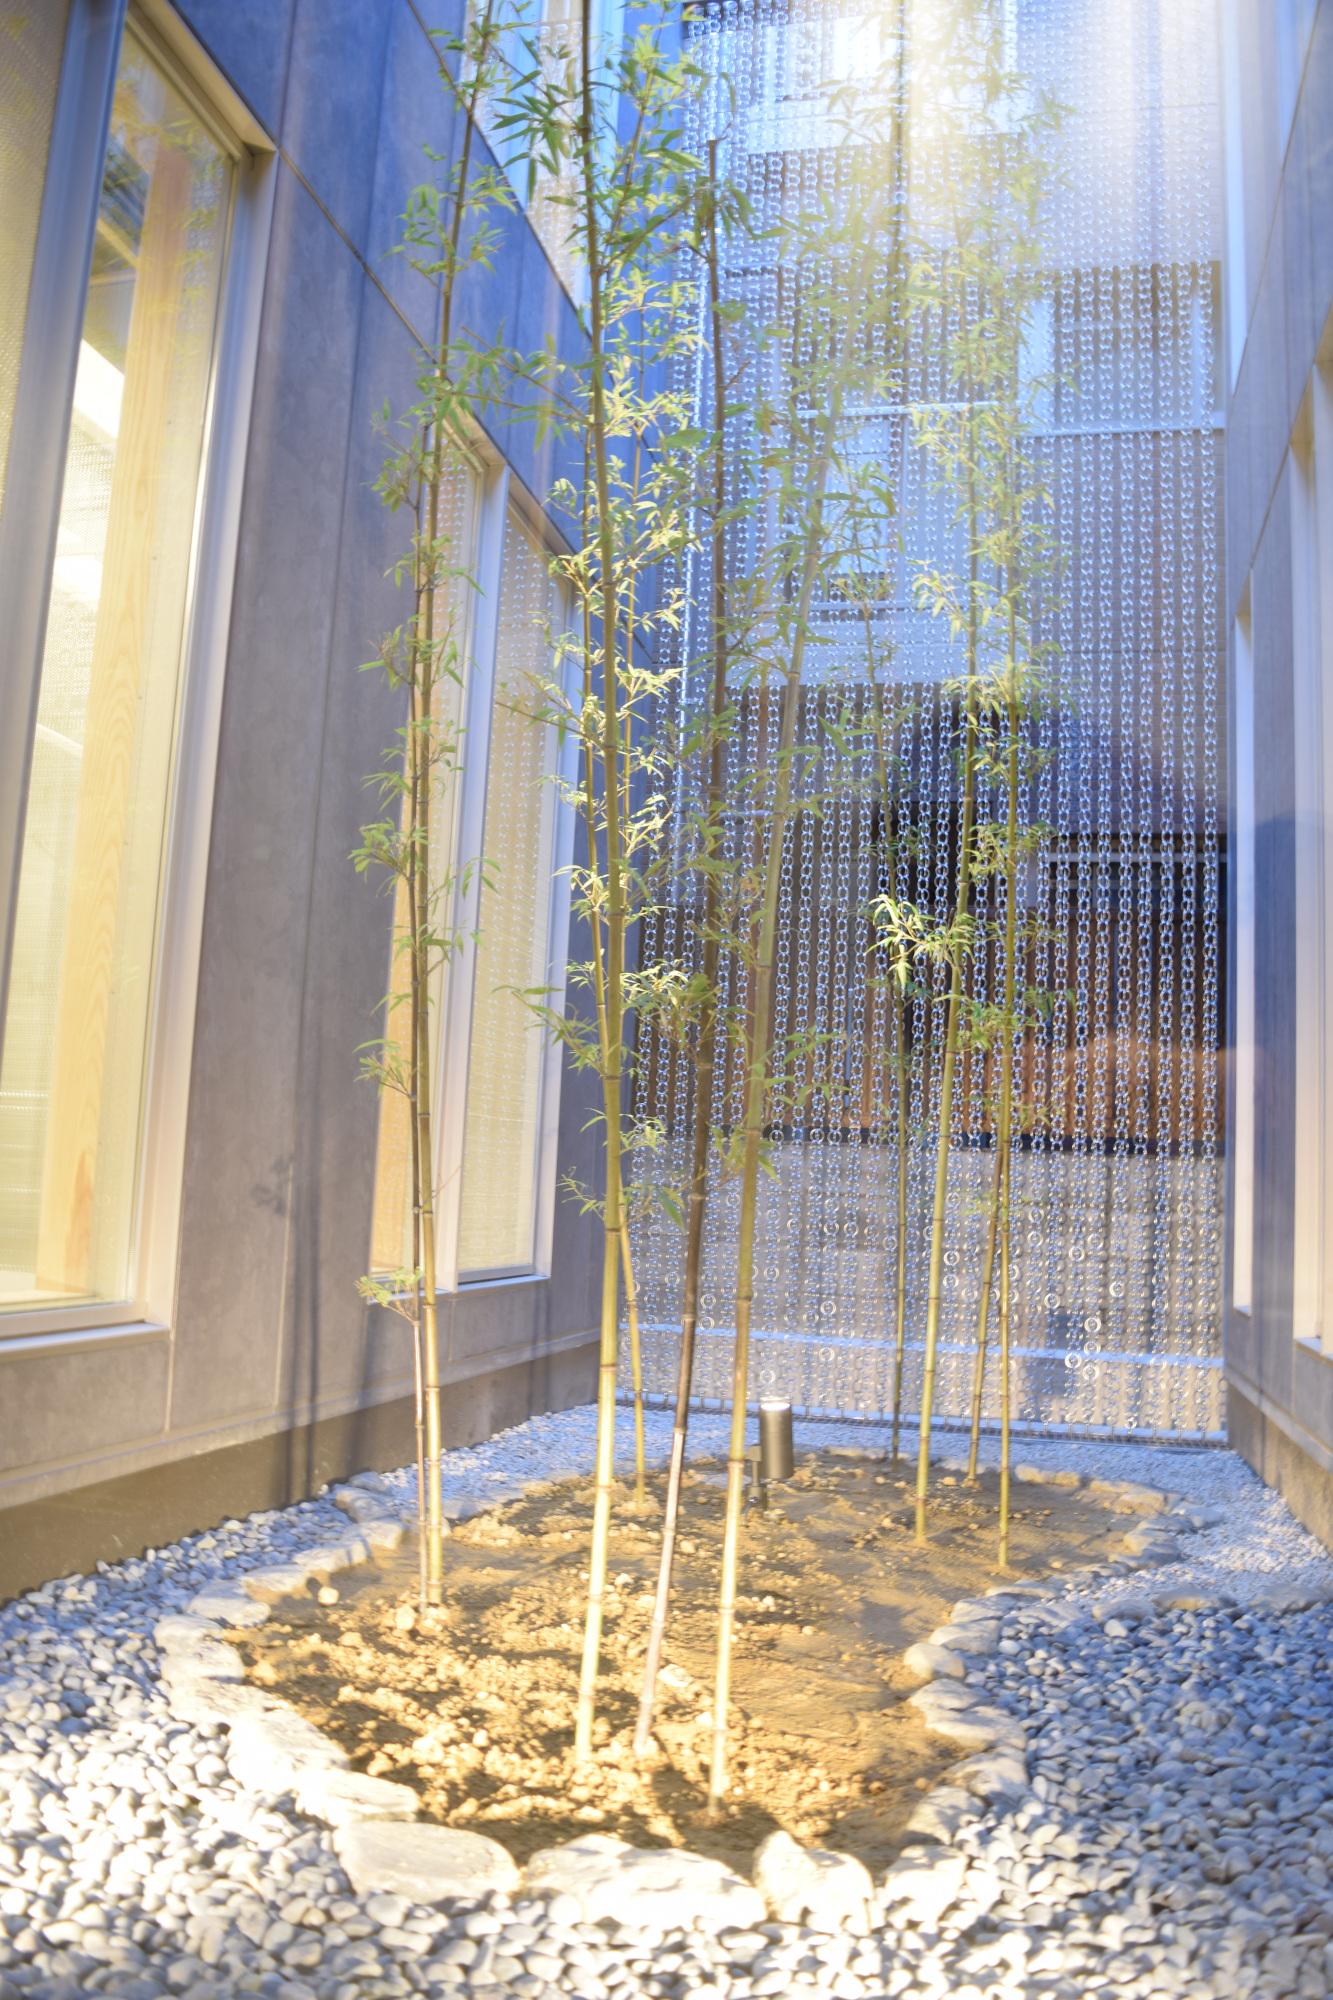 瓢斗,京都駅前本店,京都グルメ,京都,一軒家レストラン,中庭